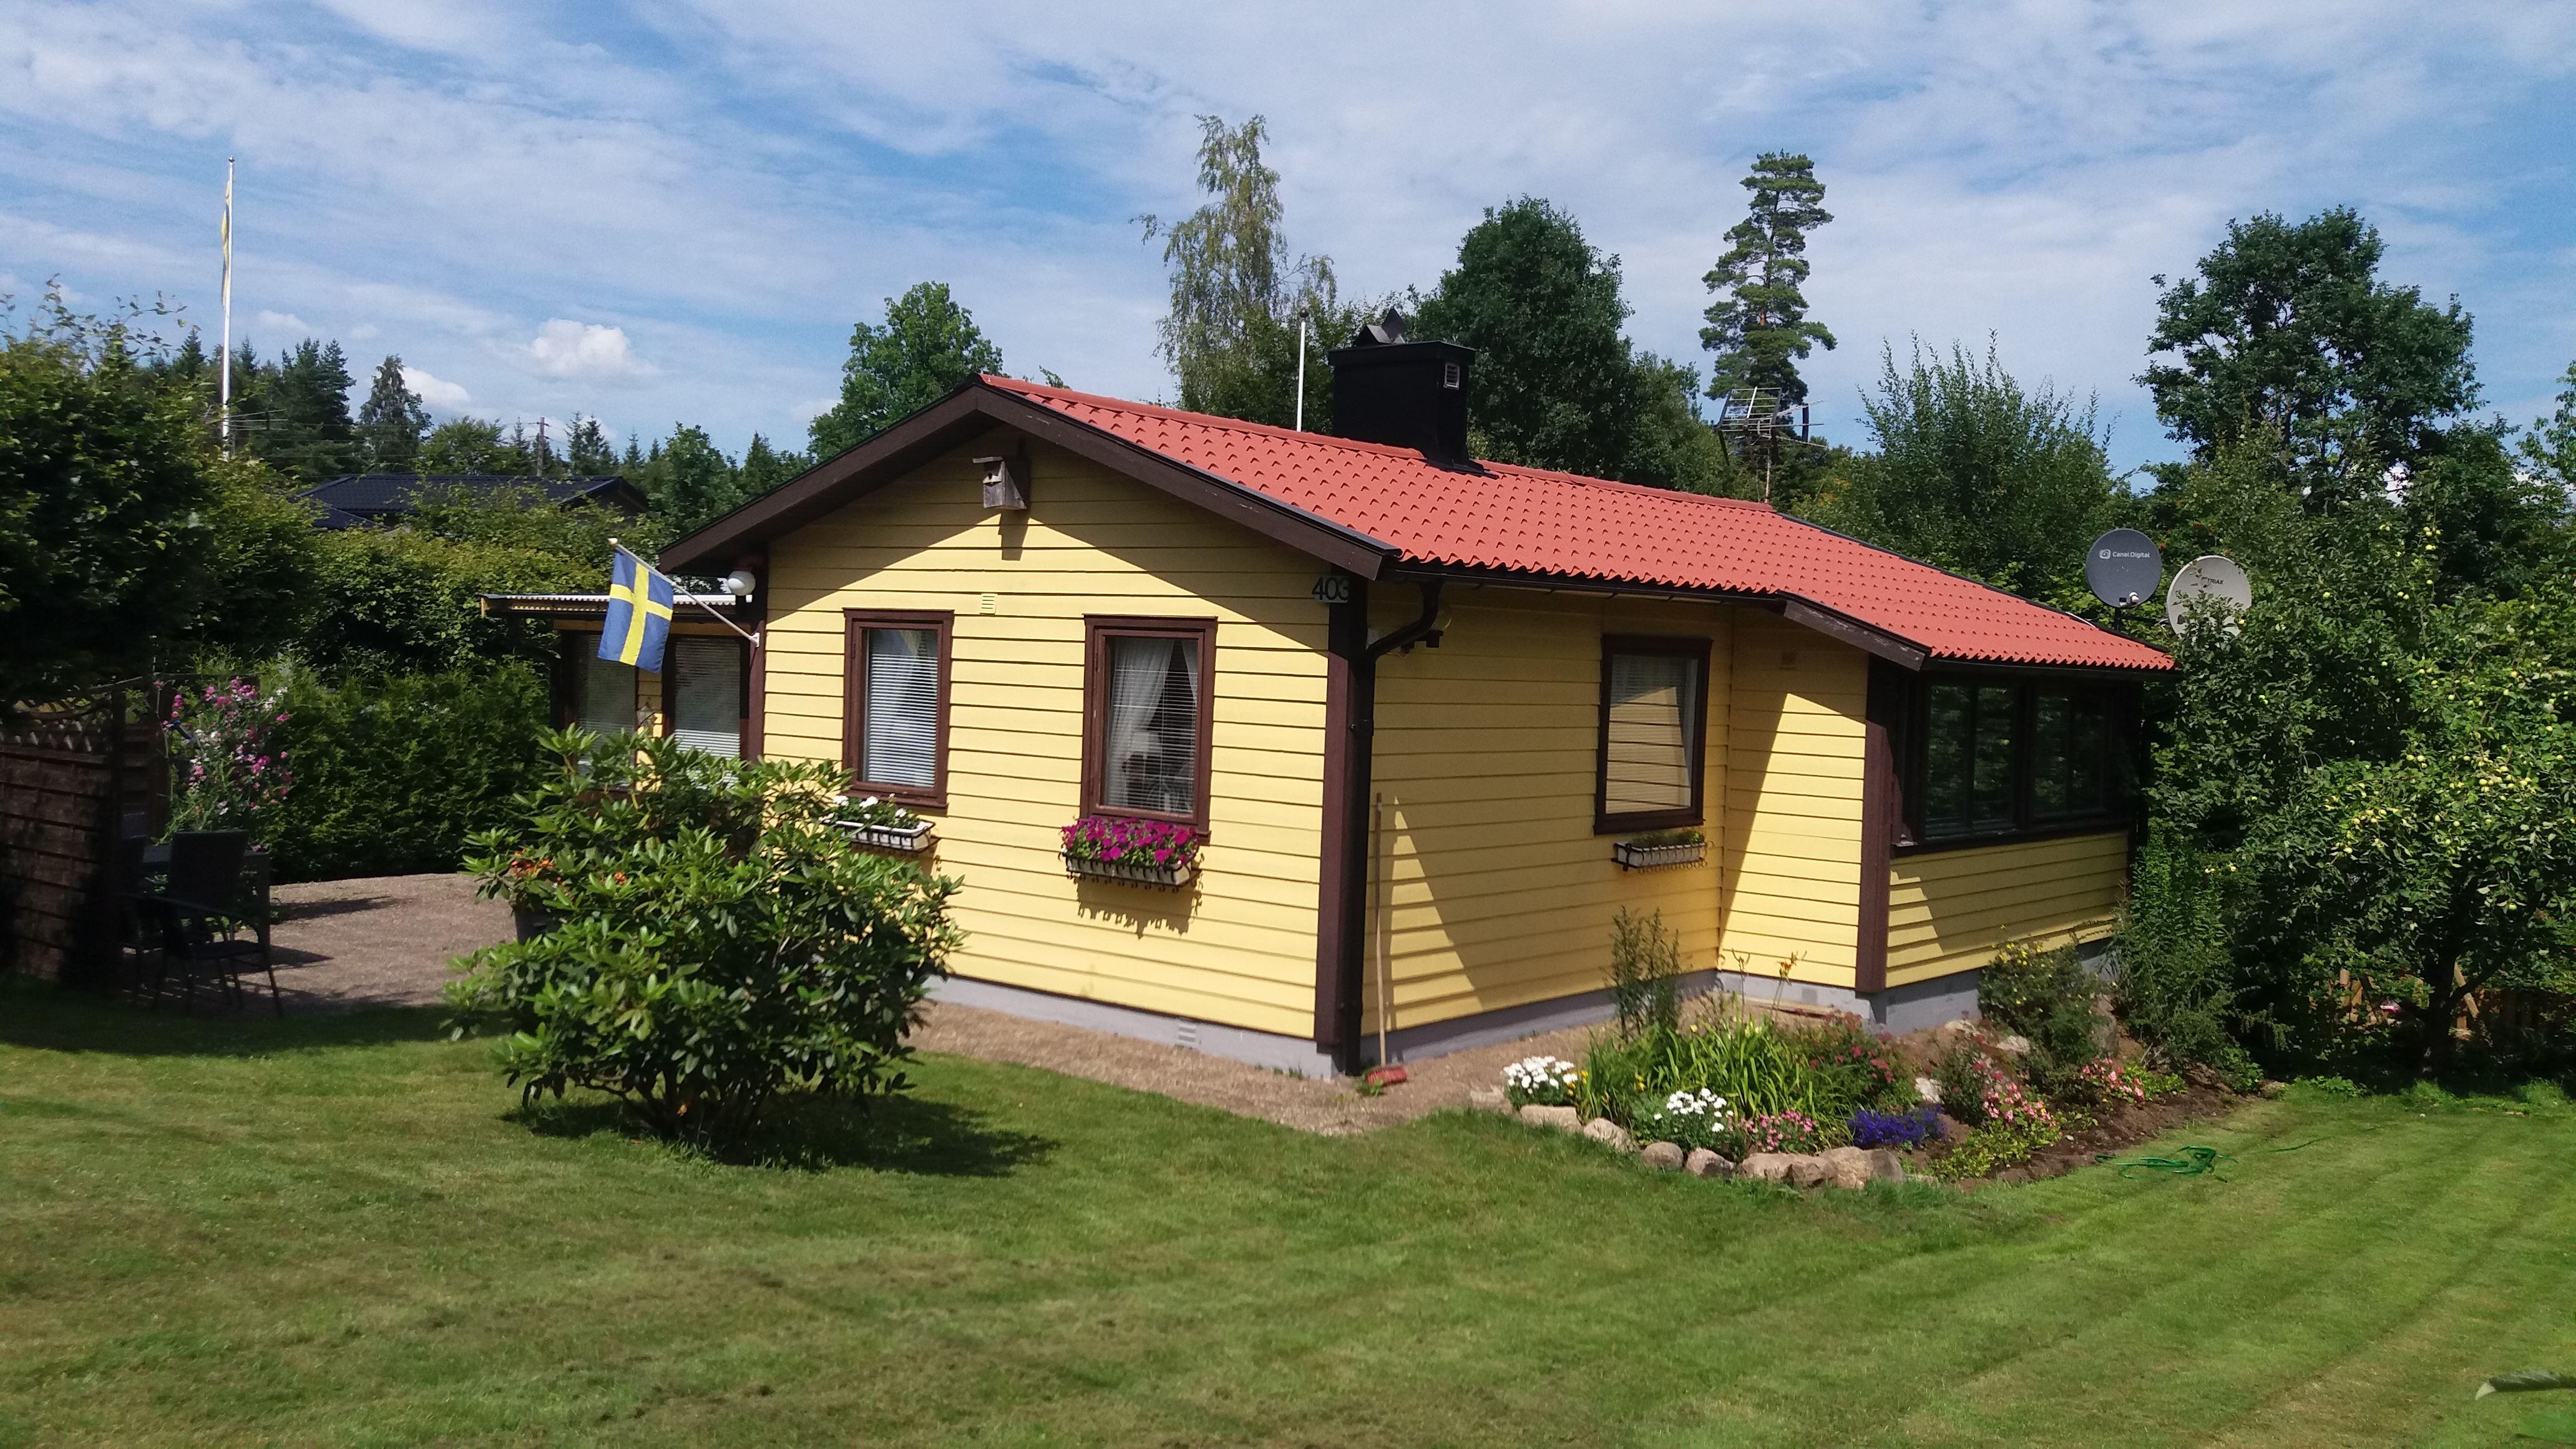 Cottage 41 - Boastad - Marianna Swieszkowska